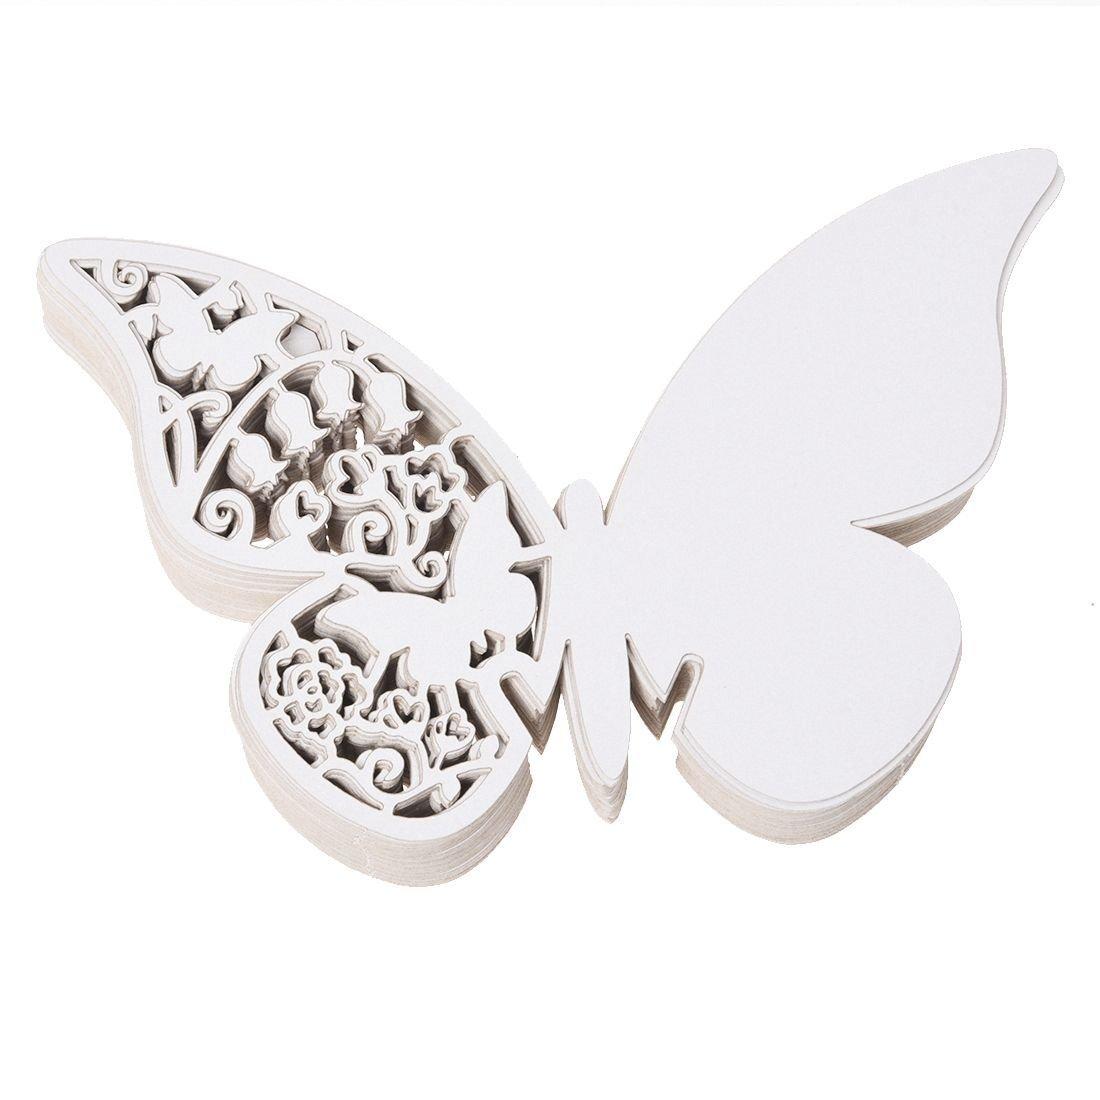 SODIAL(R) 50pcs Carte Nom Marque Place Papillon en Papier BLANC Deco Verre Gateau Mariage TRTA11A